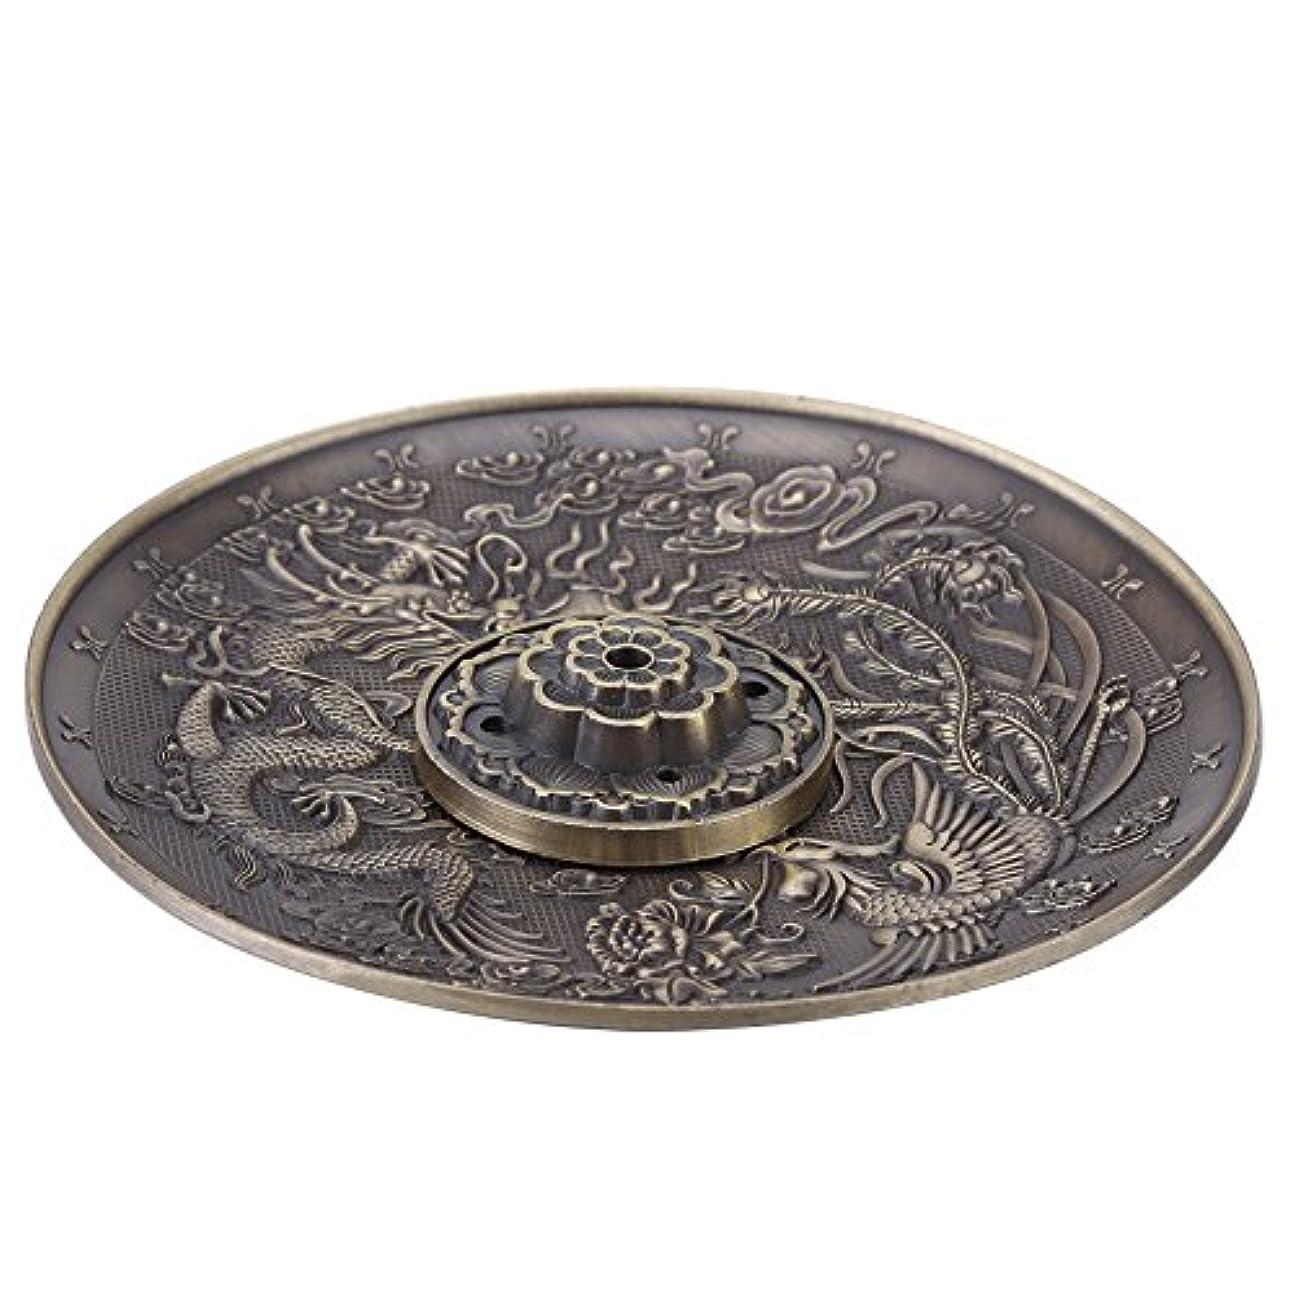 衝突する延期する毒性香皿 亜鉛の香り バーナーホルダー寝室の神殿のオフィスのためのドラゴンパターンの香炉プレート(ブロンズ)